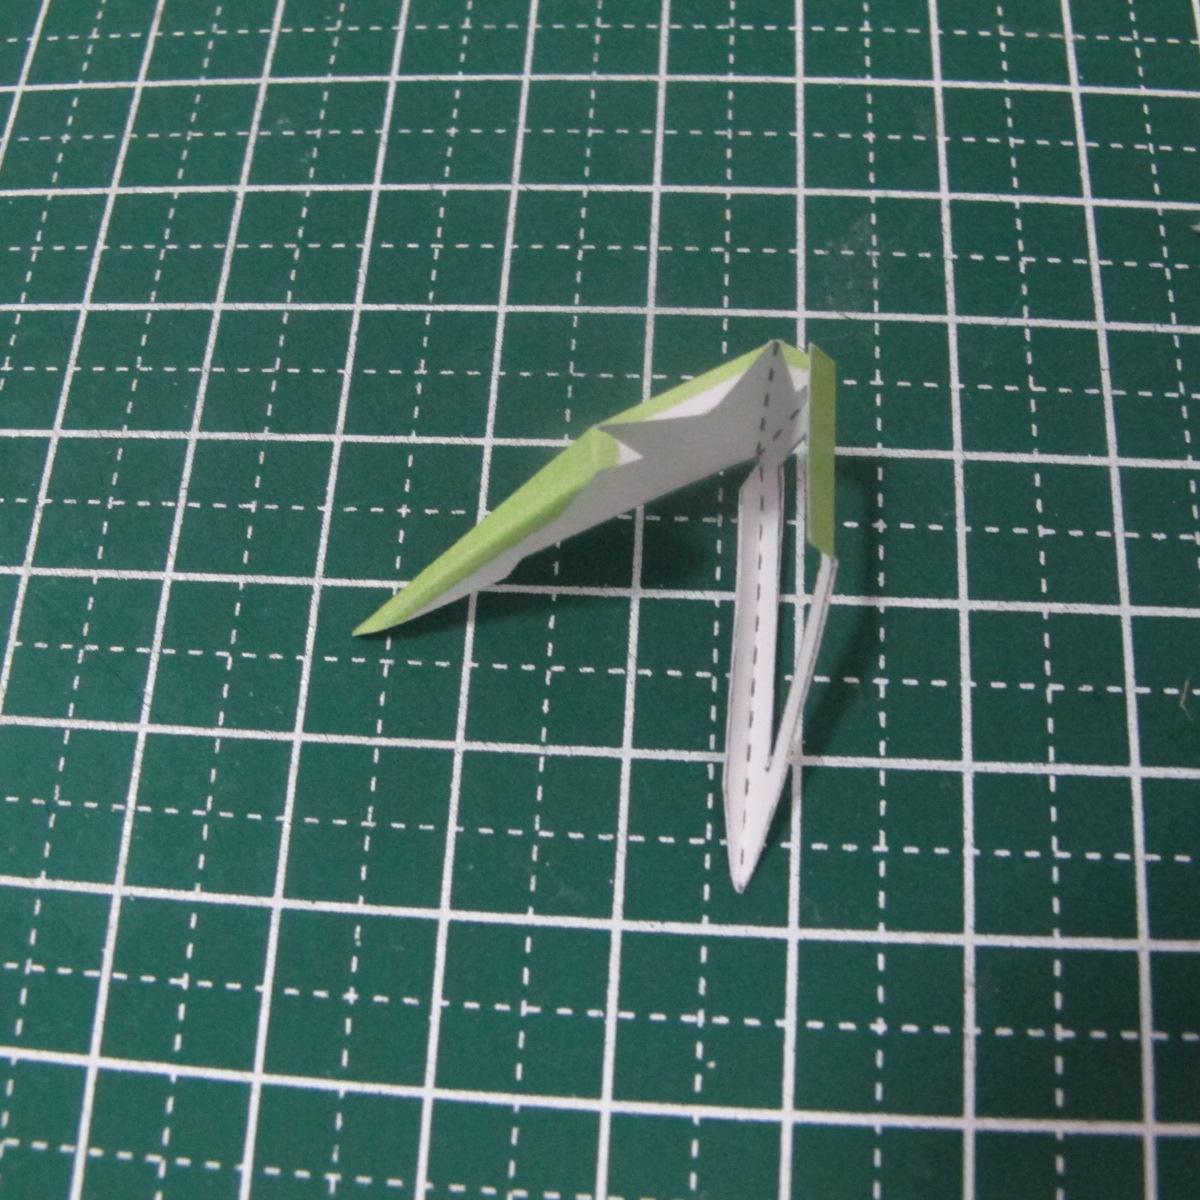 วิธีทำของเล่นโมเดลกระดาษรูปนก (Bird Paper craft ) 002